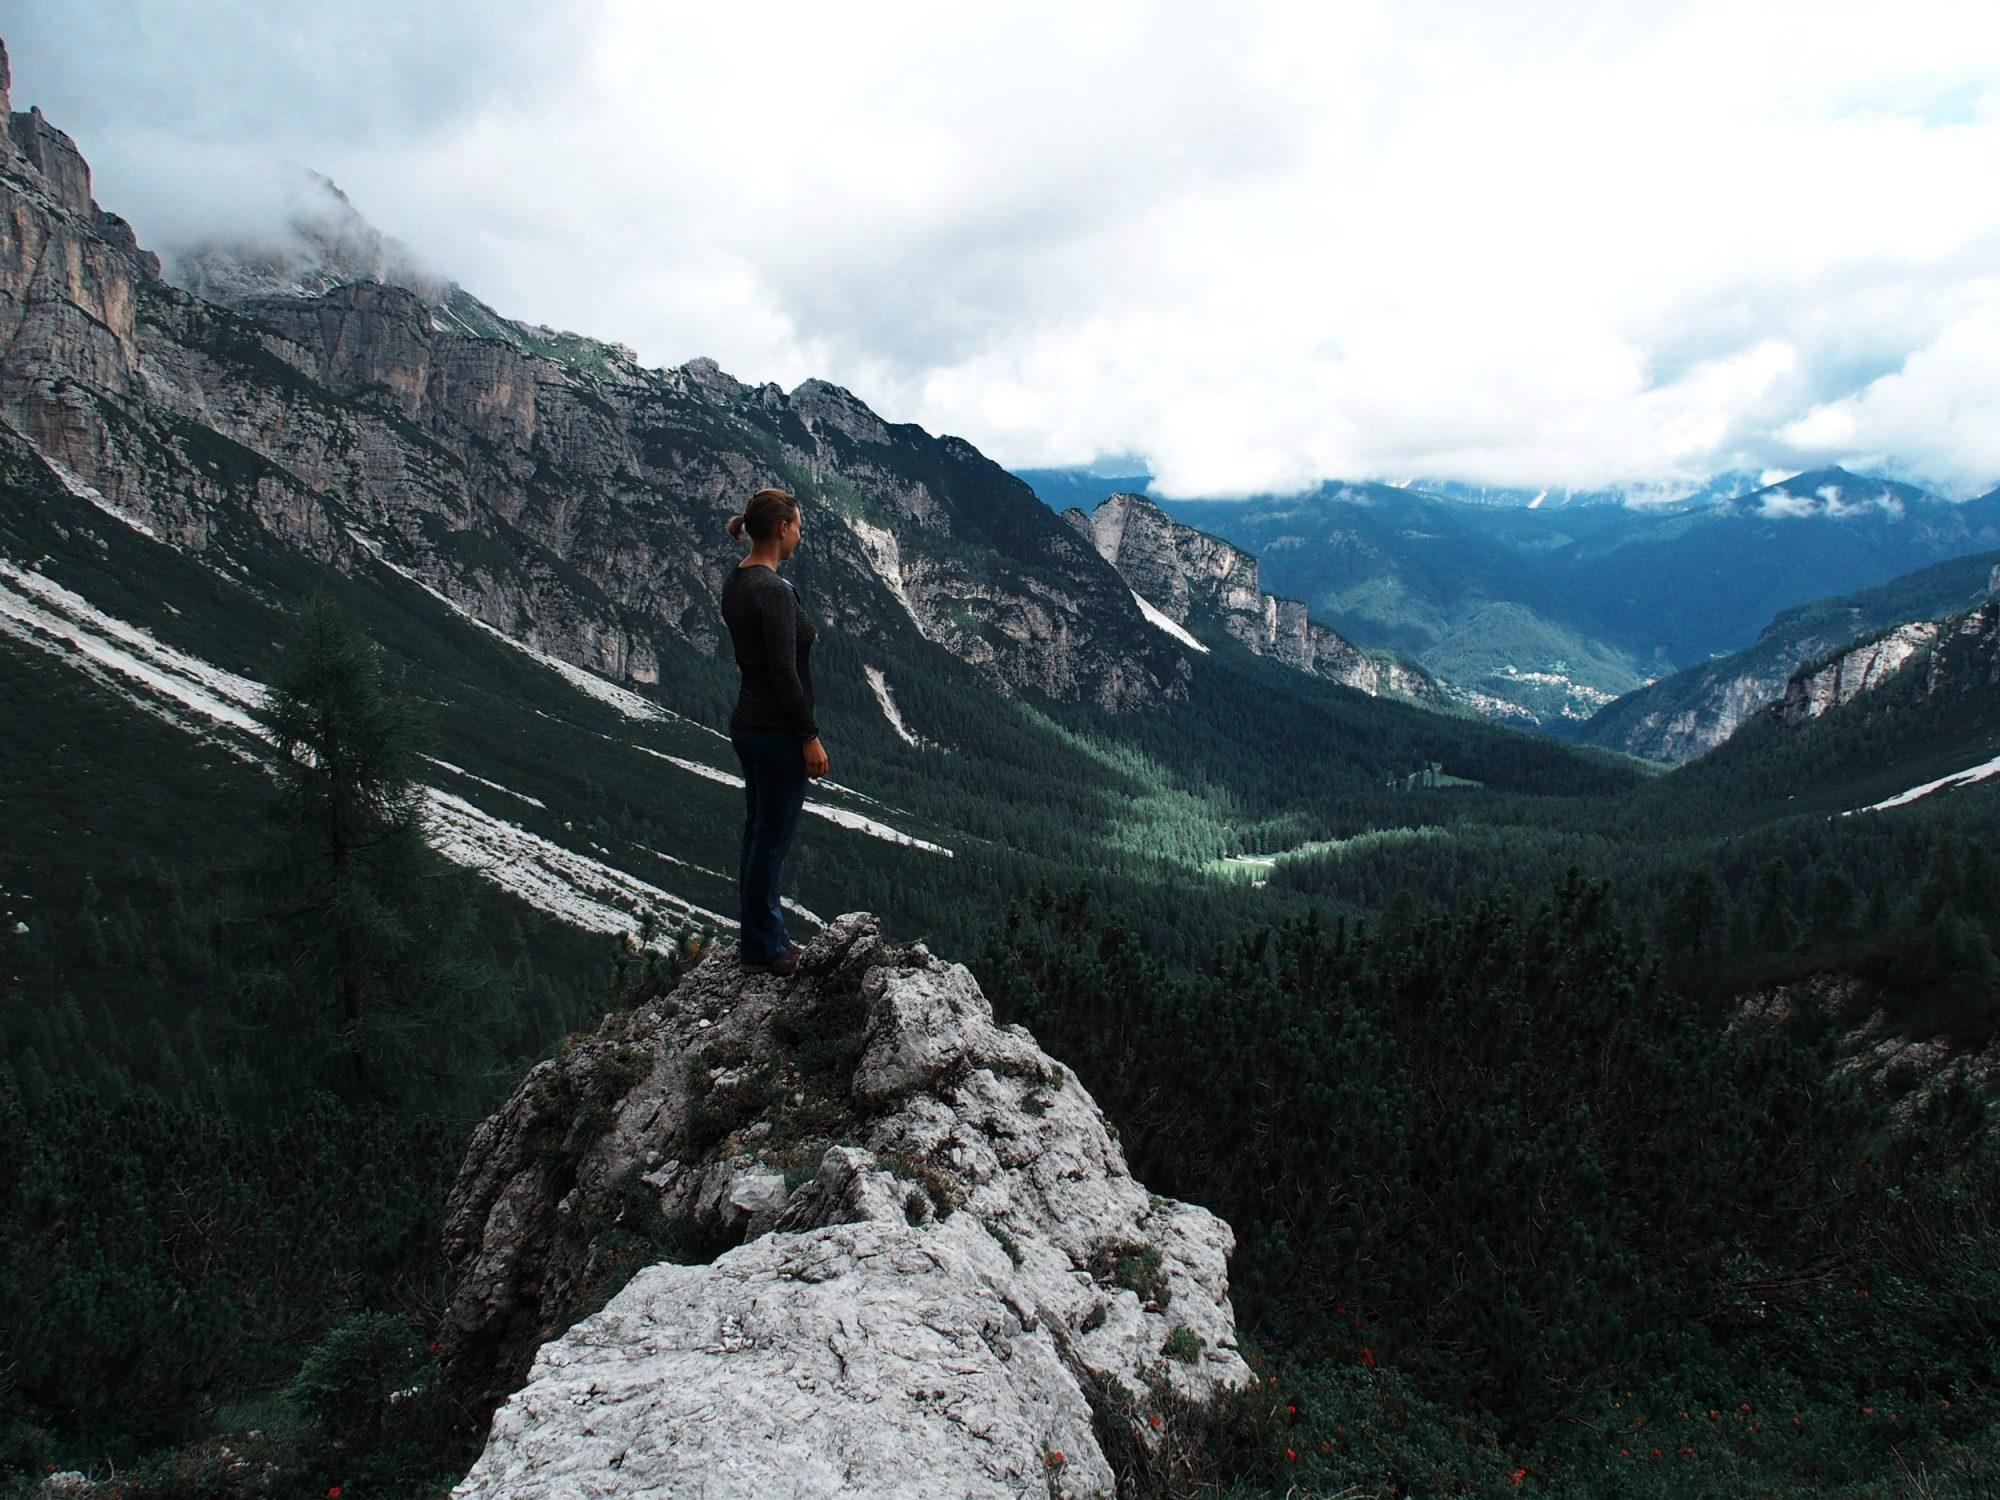 Schiara Klettersteig, Alpenüberquerung Traumpfad Venedig-München Weitwanderung